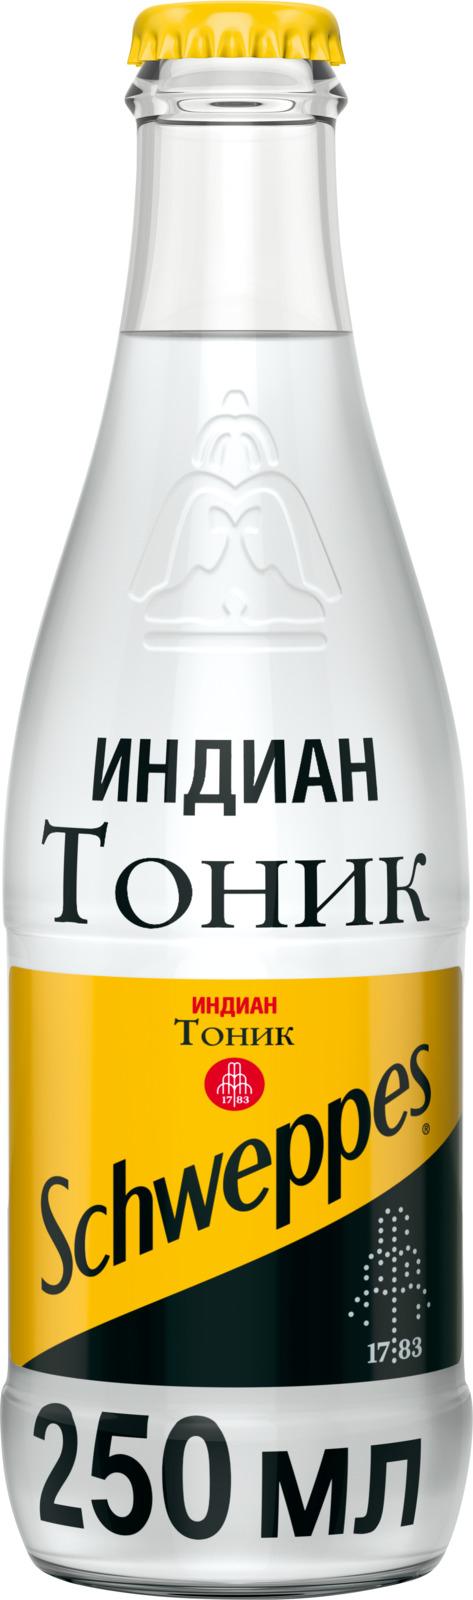 Schweppes Индиан Тоник напиток сильногазированный, 0,25 л schweppes индиан тоник напиток сильногазированный 9 штук по 1 5 л